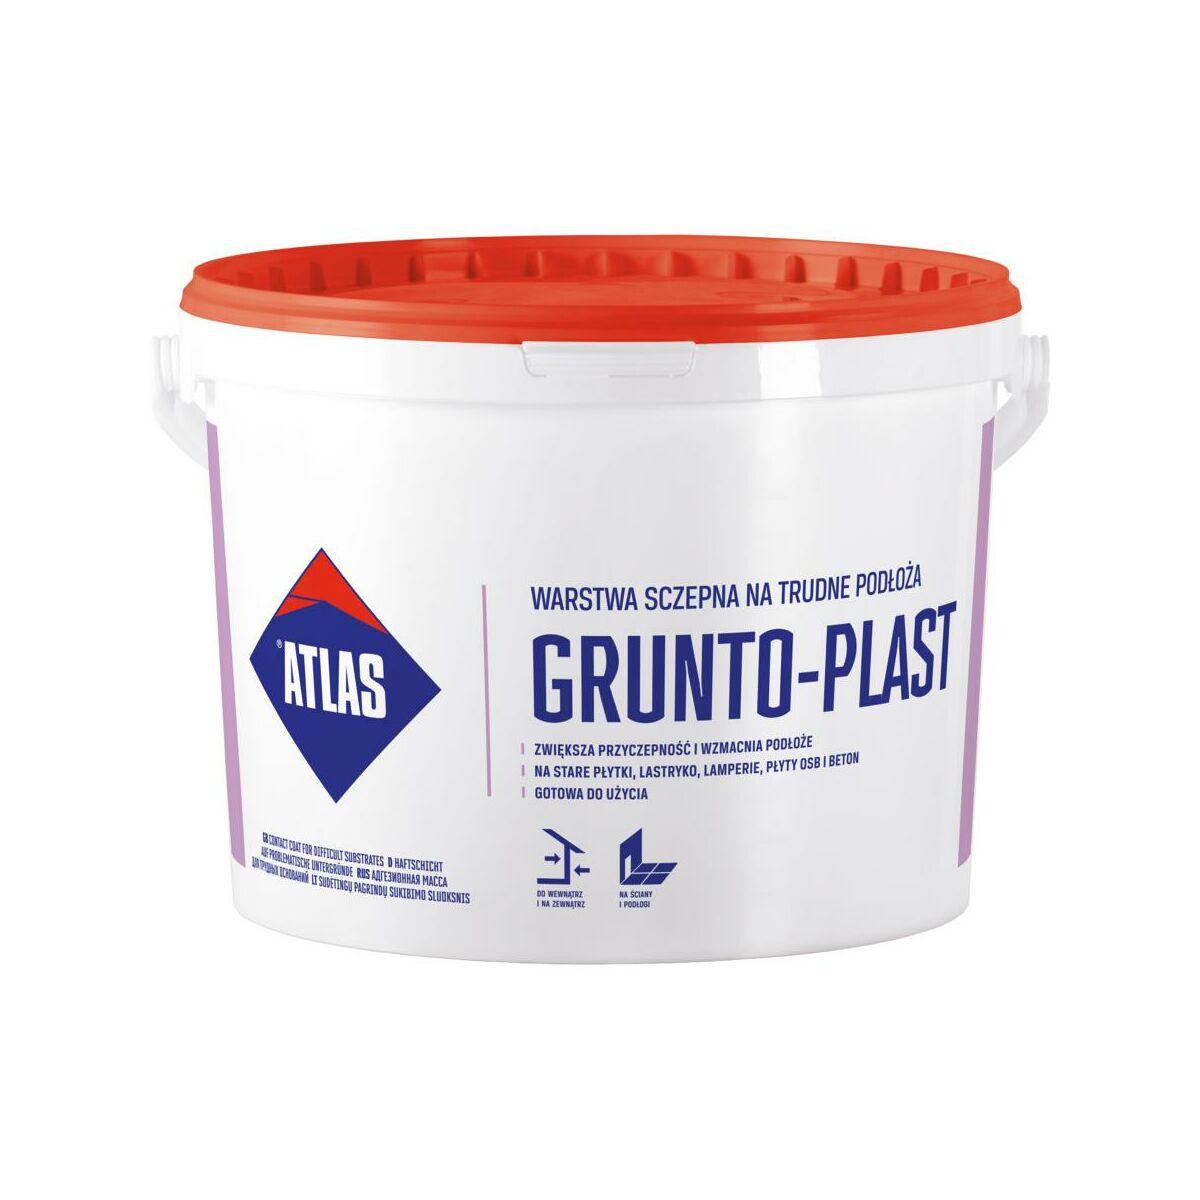 Grunt Szczepny Grunto Plast 2 Kg Atlas Grunty W Atrakcyjnej Cenie W Sklepach Leroy Merlin